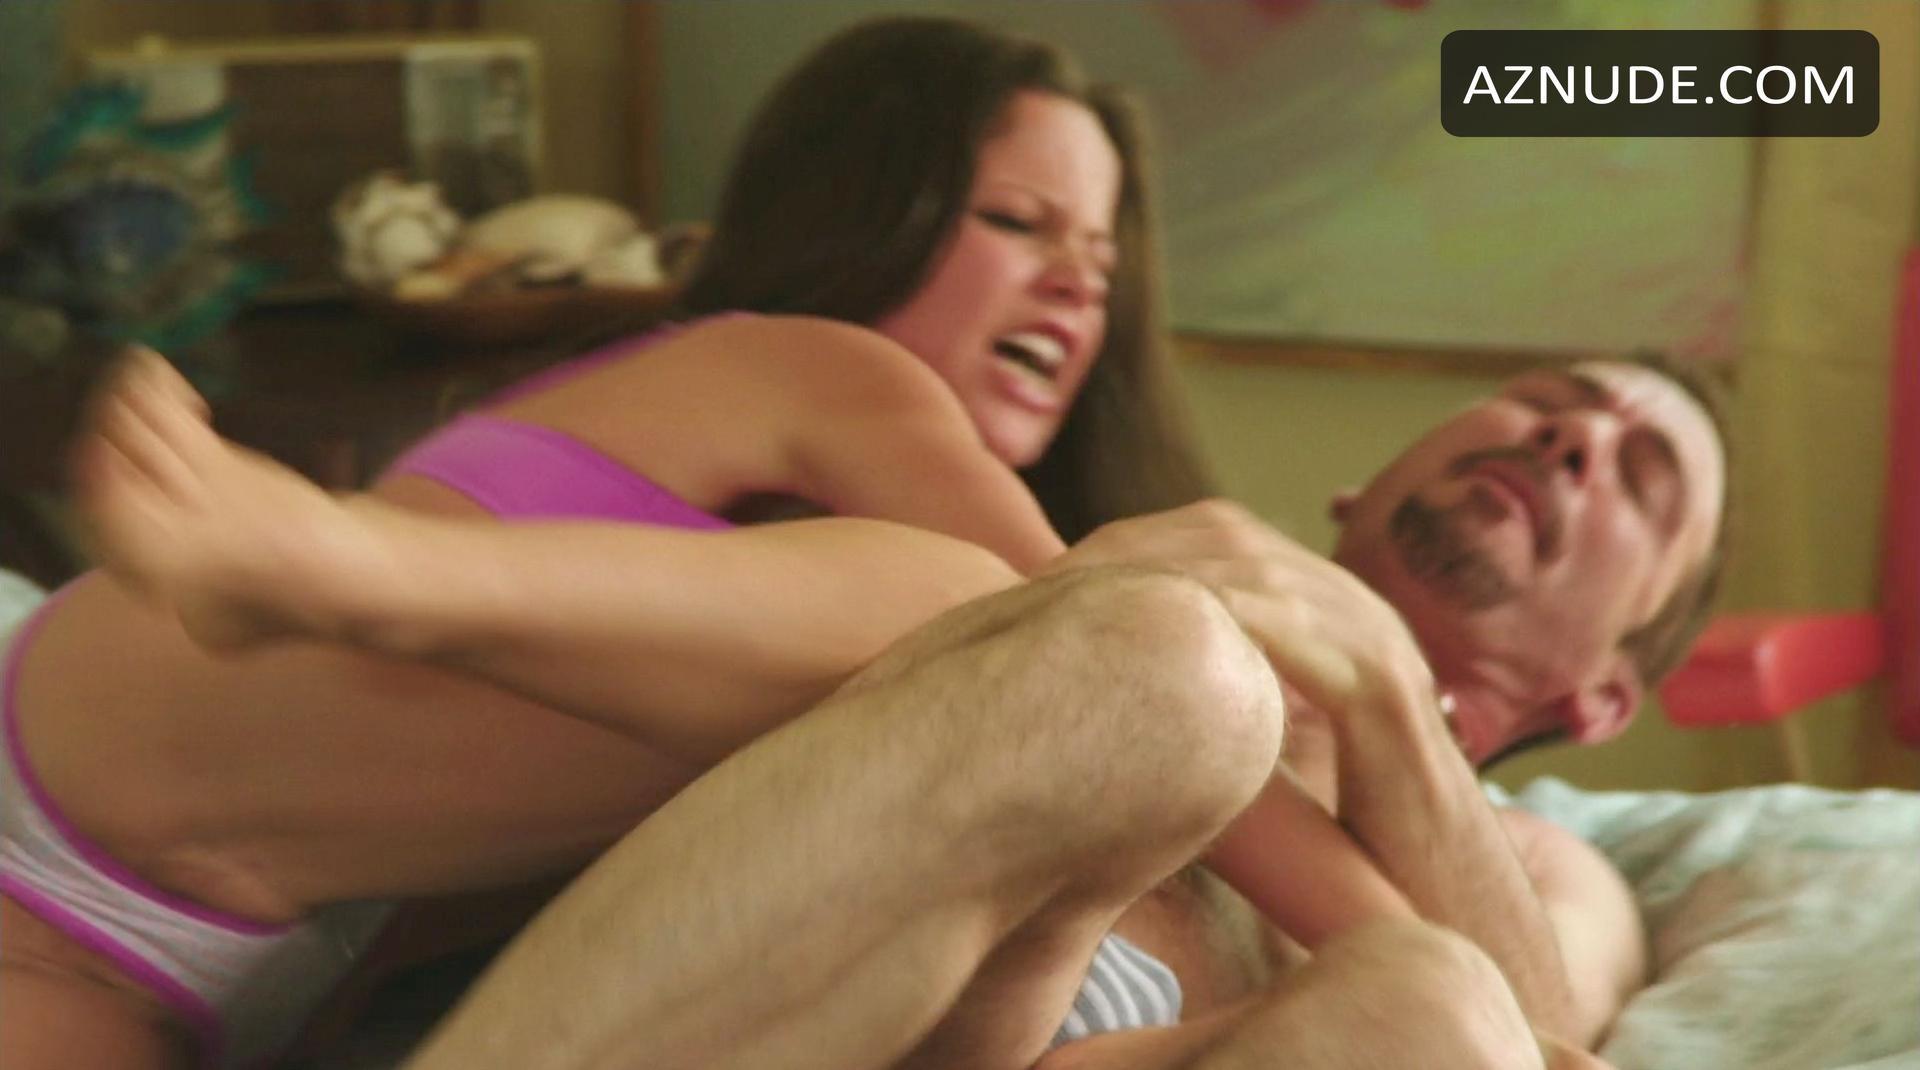 tammin sursok hot naked